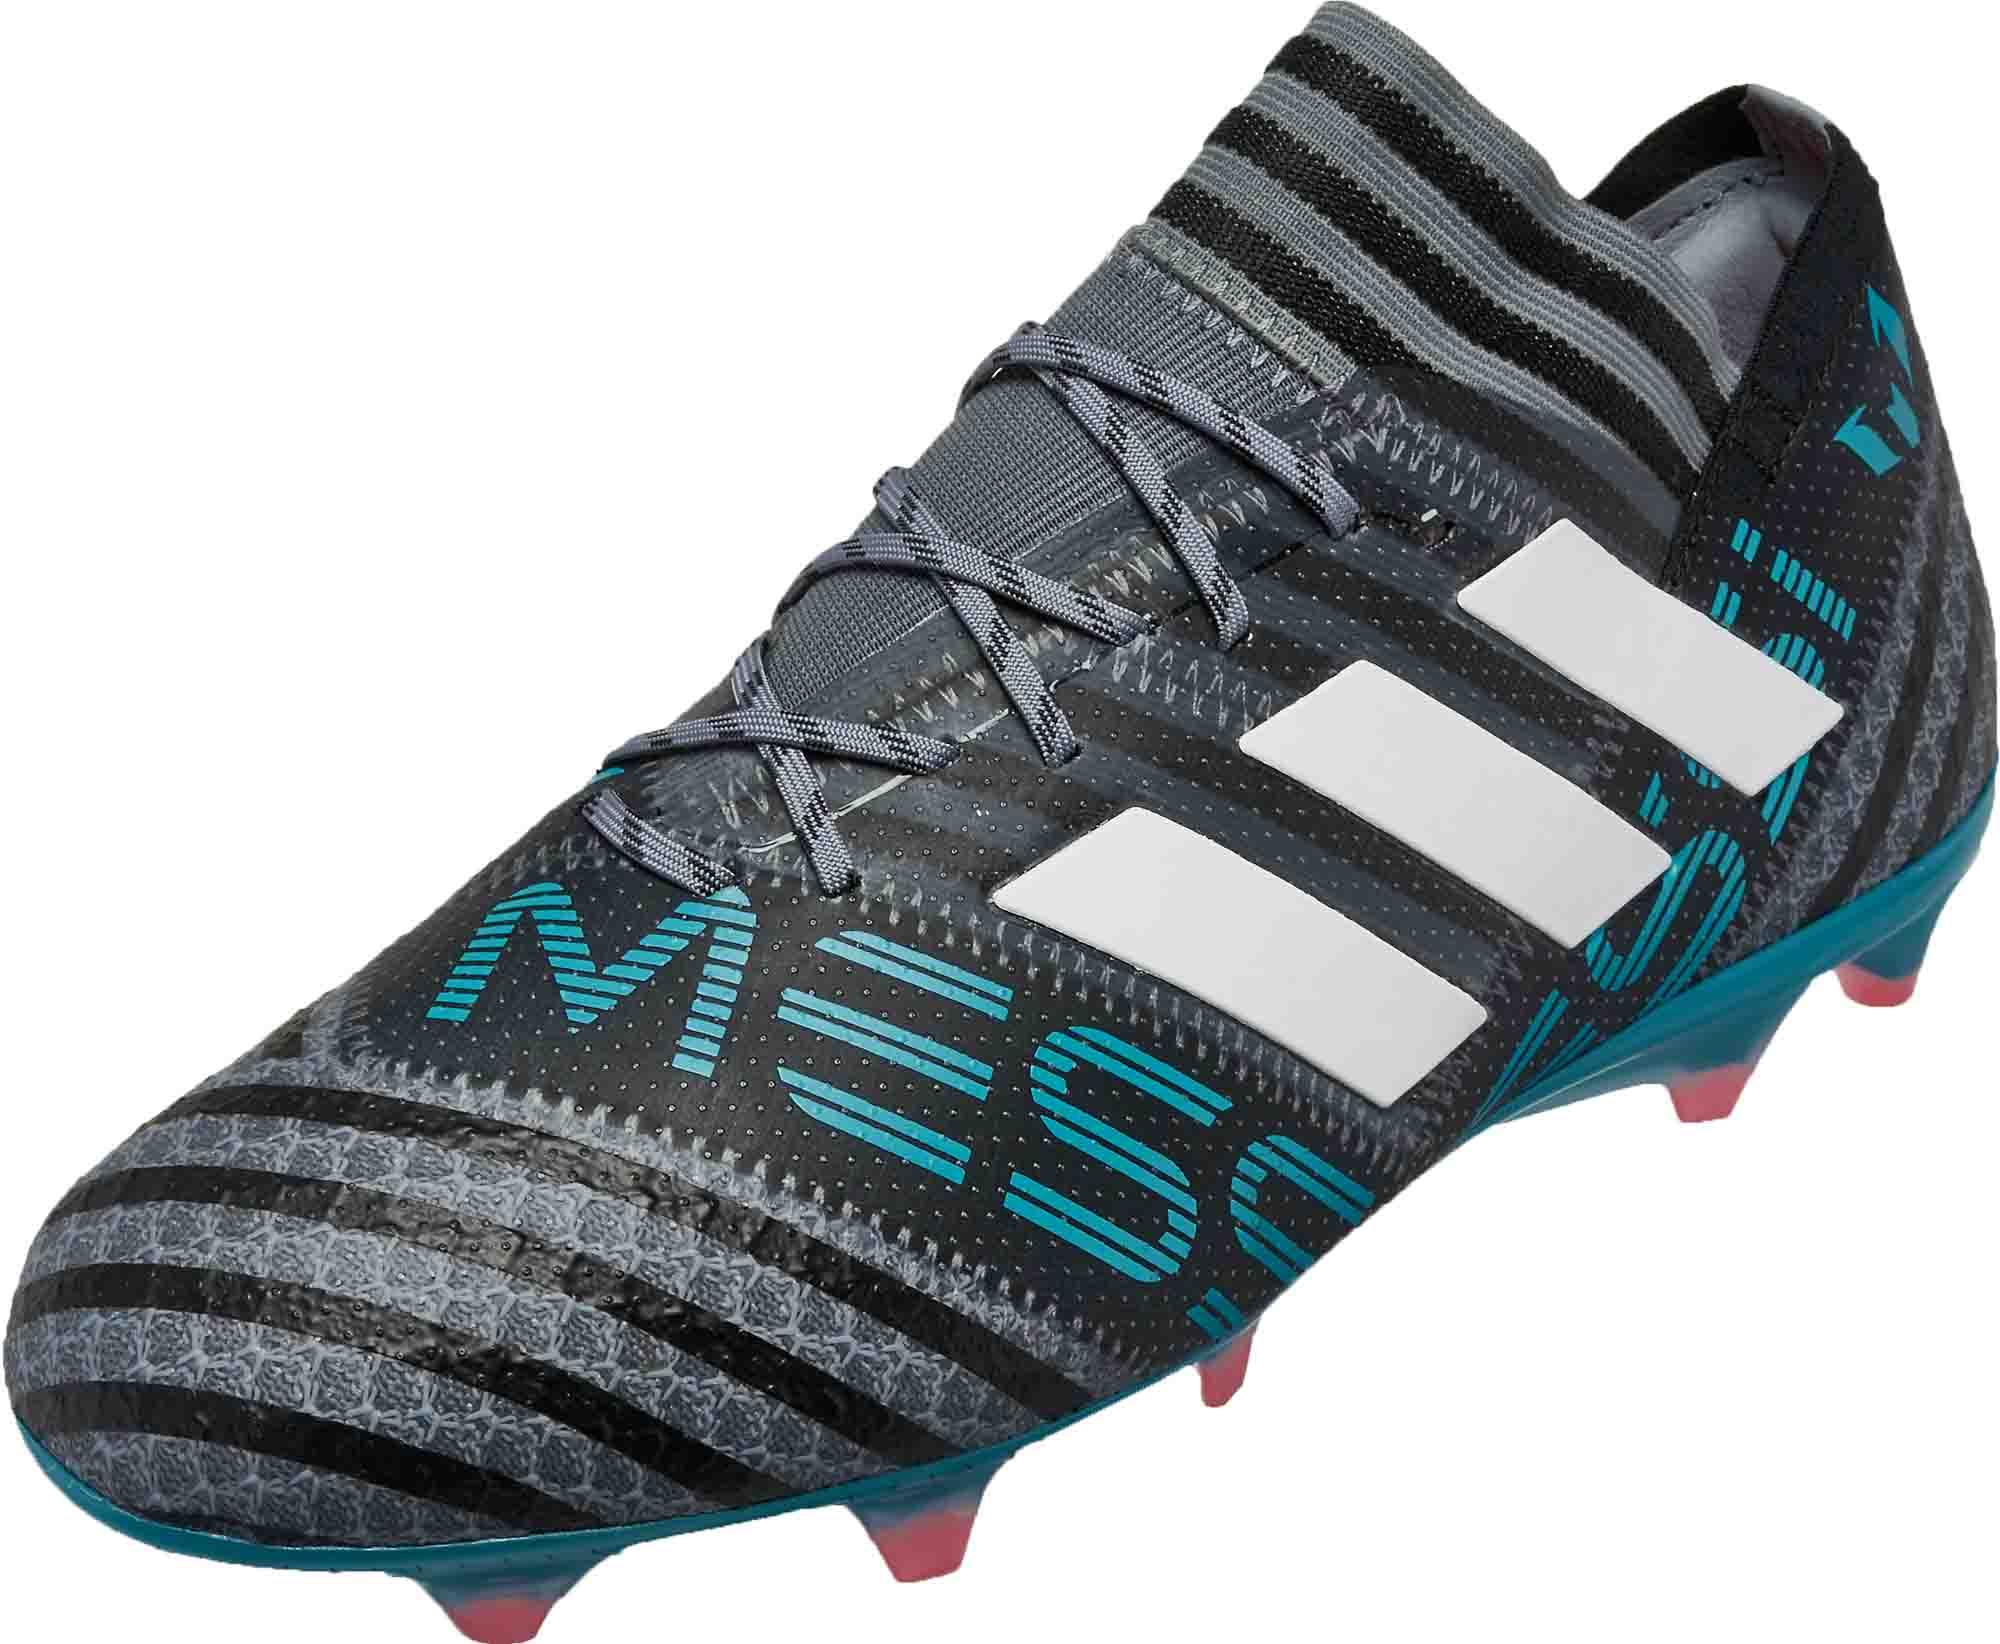 0c373e34a adidas Messi Nemeziz 17.1 - Grey and White